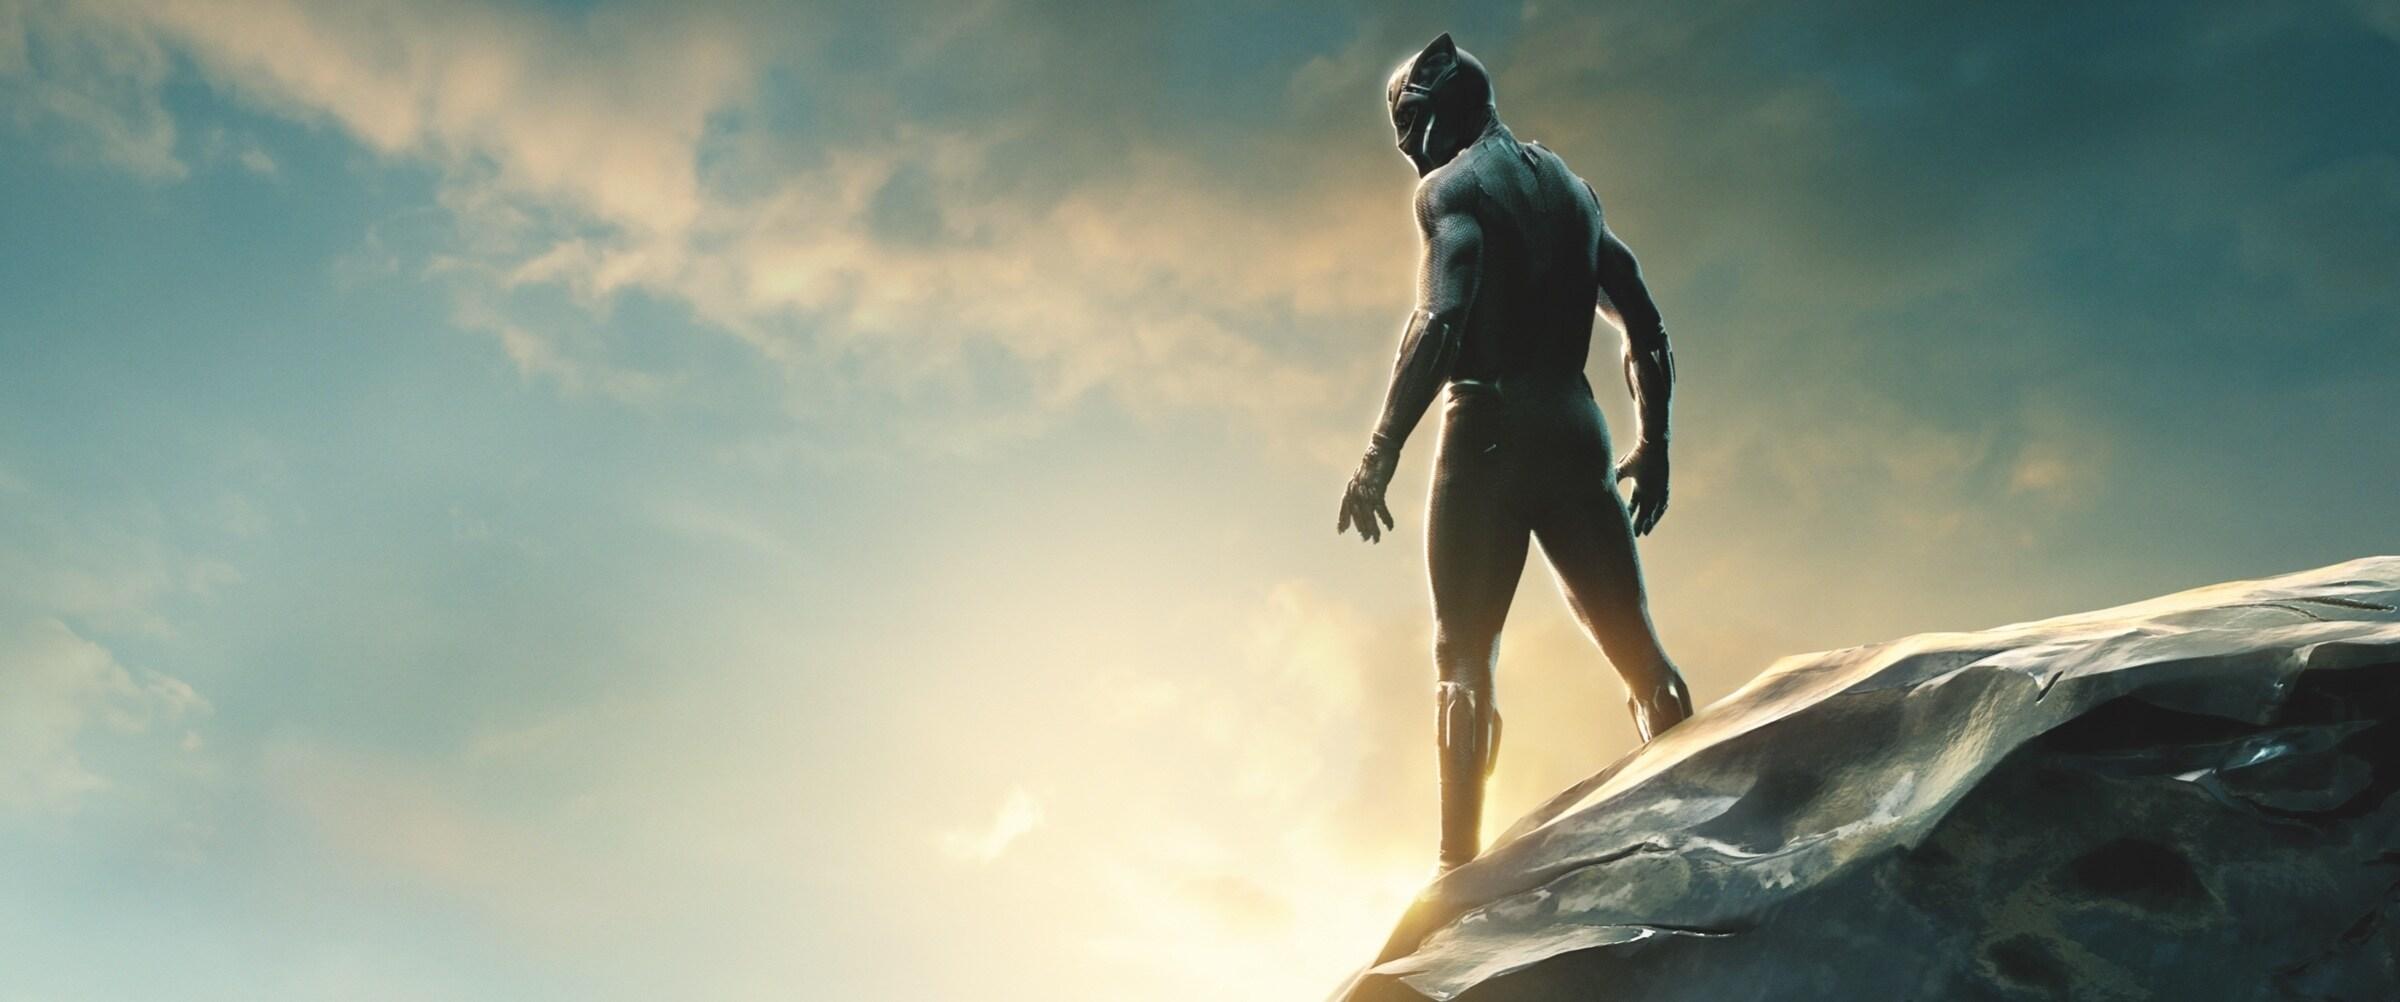 Black Panther | Jetzt im Kino